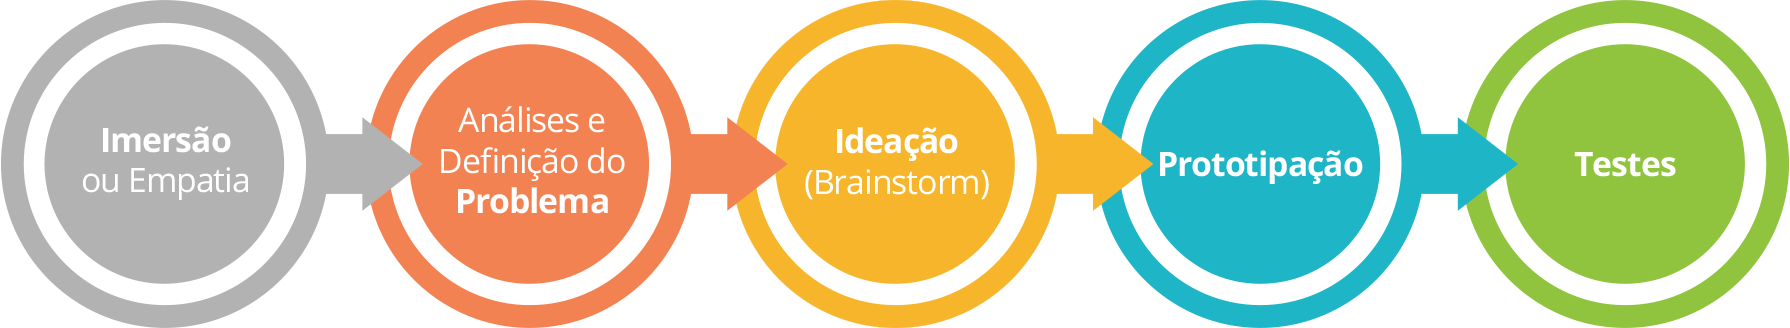 Design Thinking - Etapas